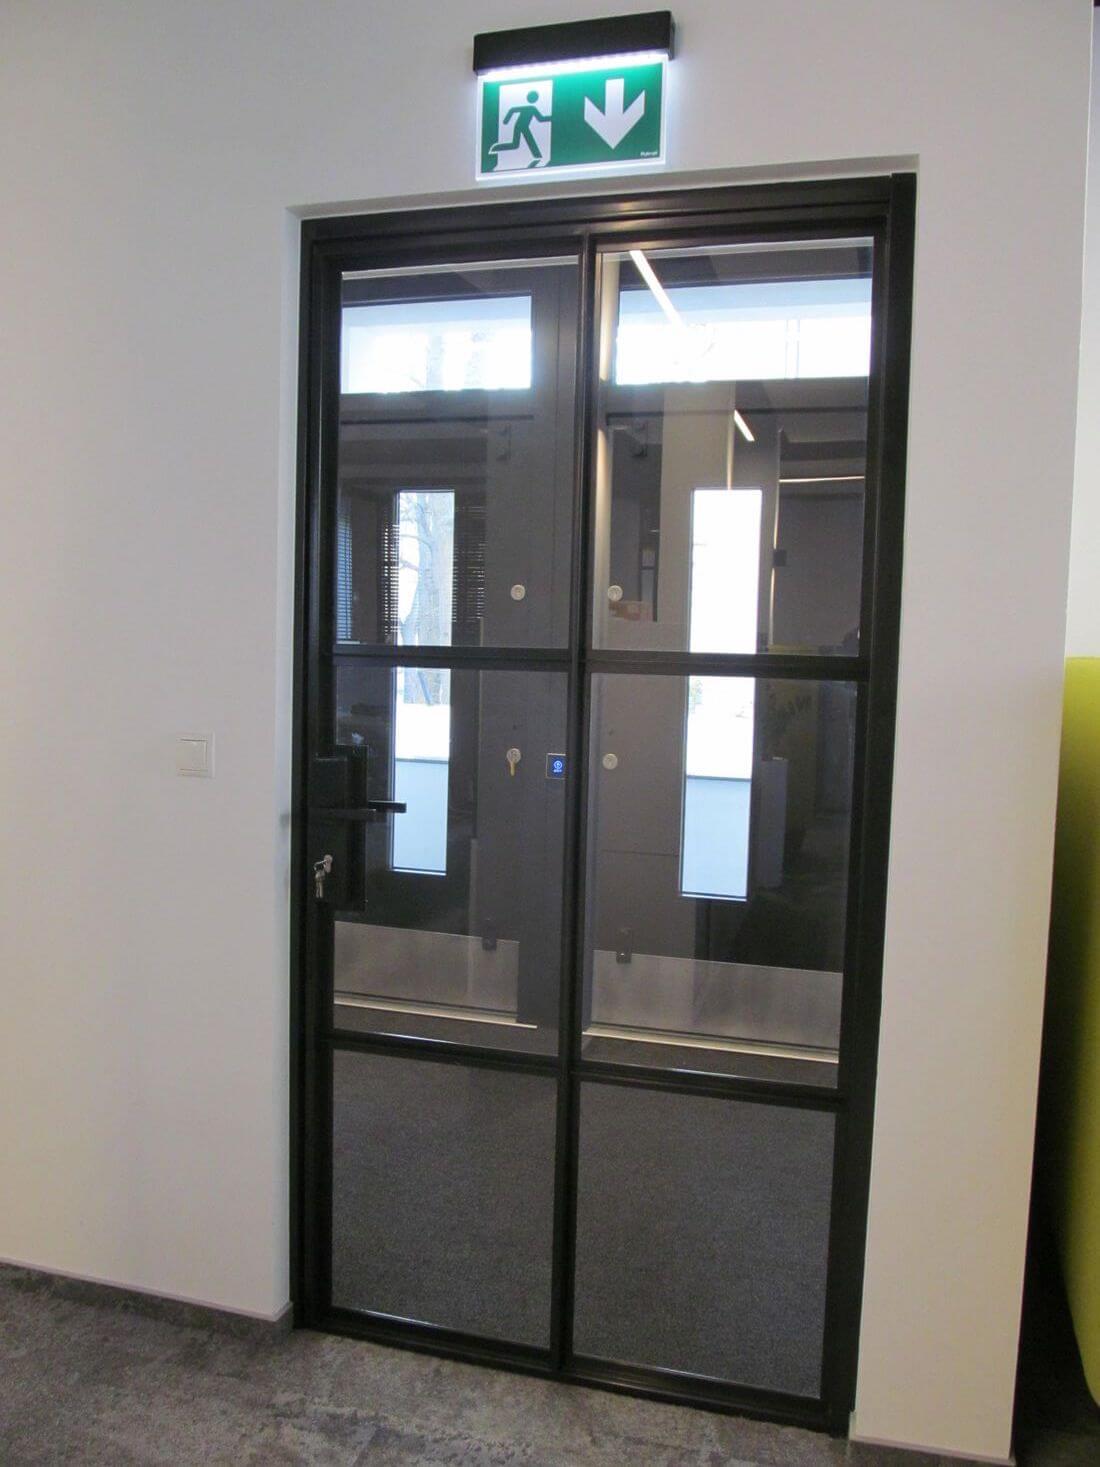 Drzwi Loftowe Zamykane w biurze EIP Group wykonane ze szkła wzmacnianego 33.1 wraz z folią zabezpieczającą